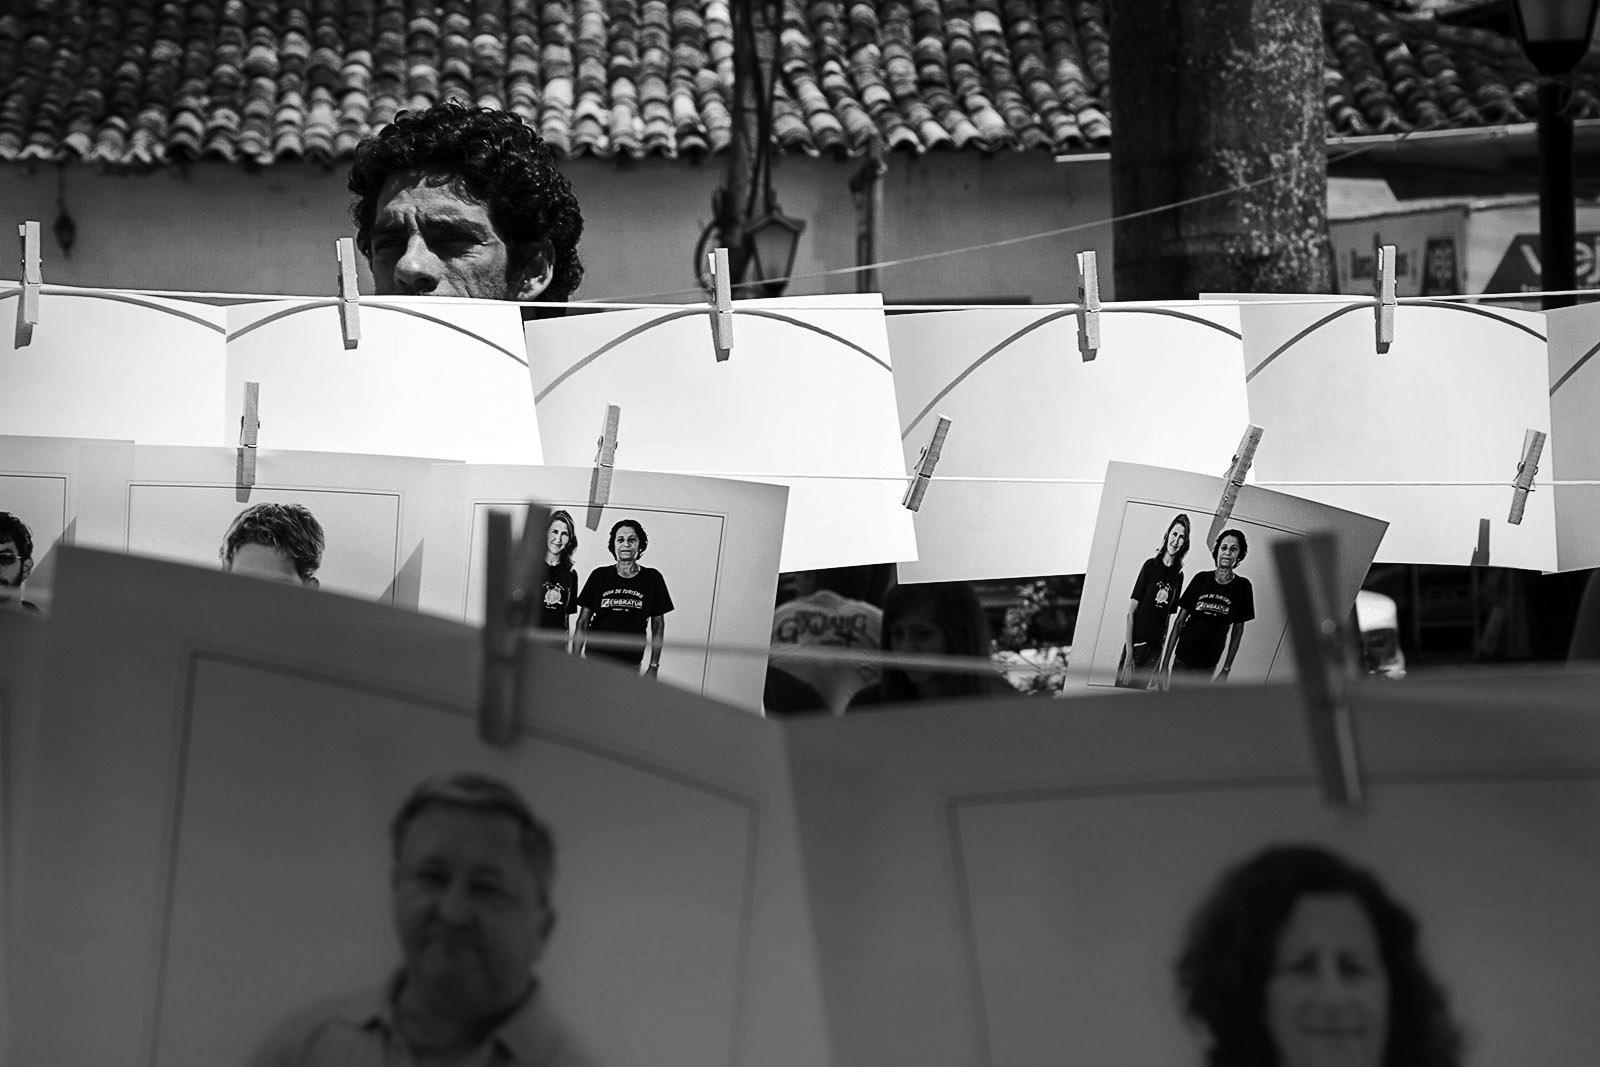 Varal de fotos na Praça, Paraty 2012 • Crédito: Luiz Baltar